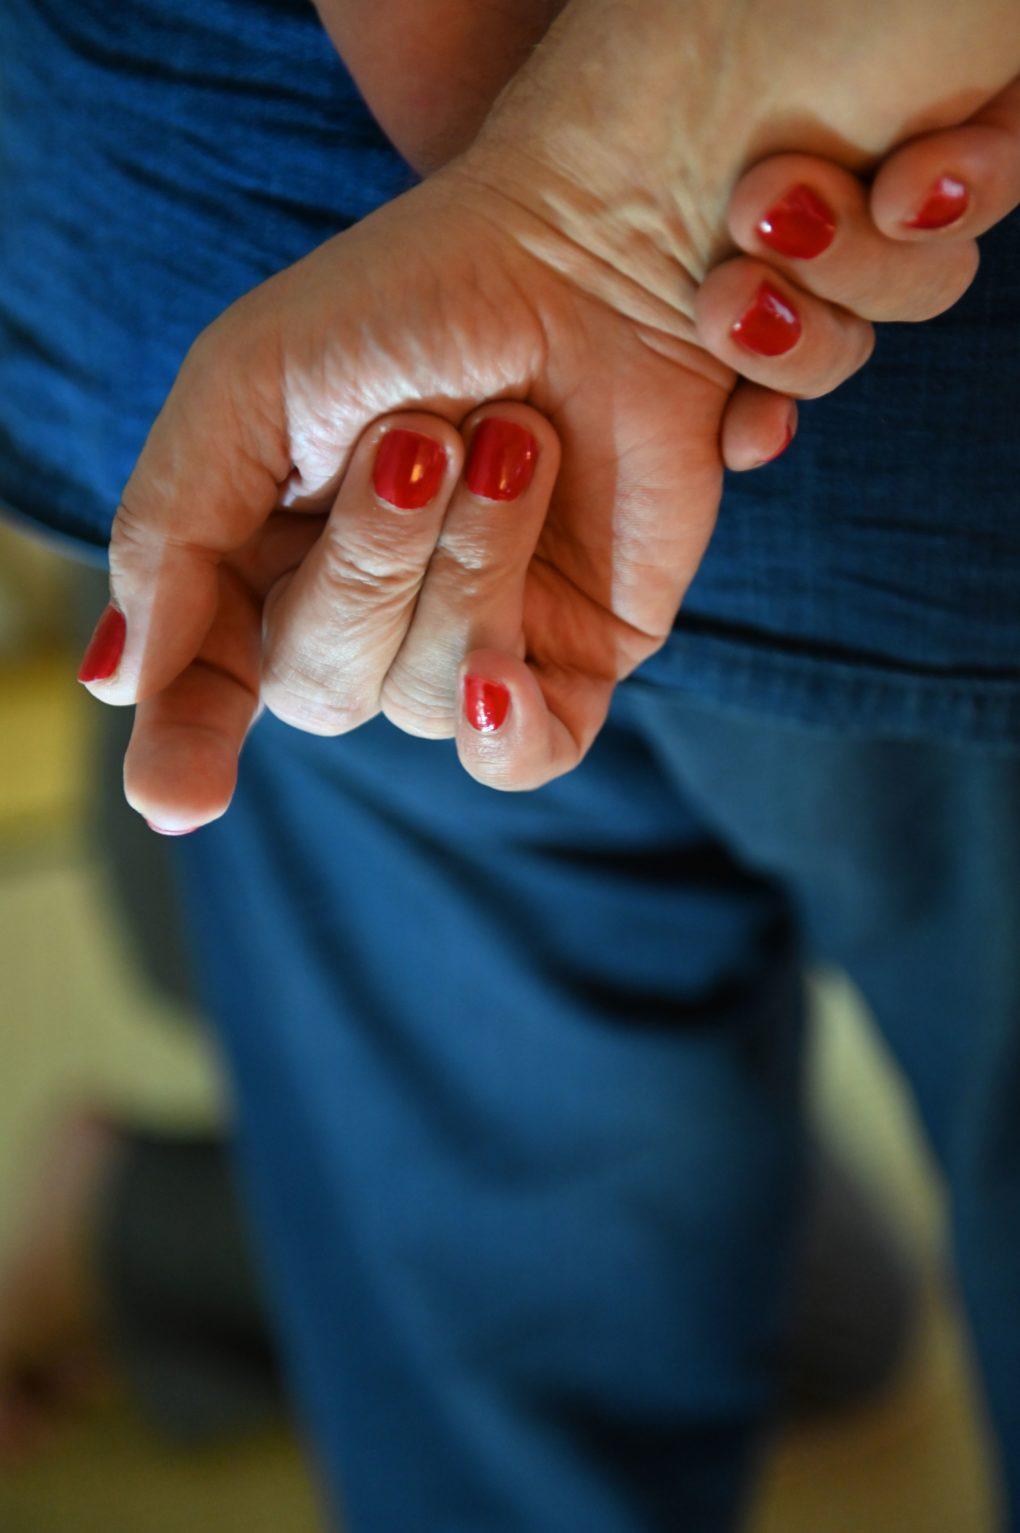 Die Händes des Meisters. Osada Steve betrachtet die Lernenden